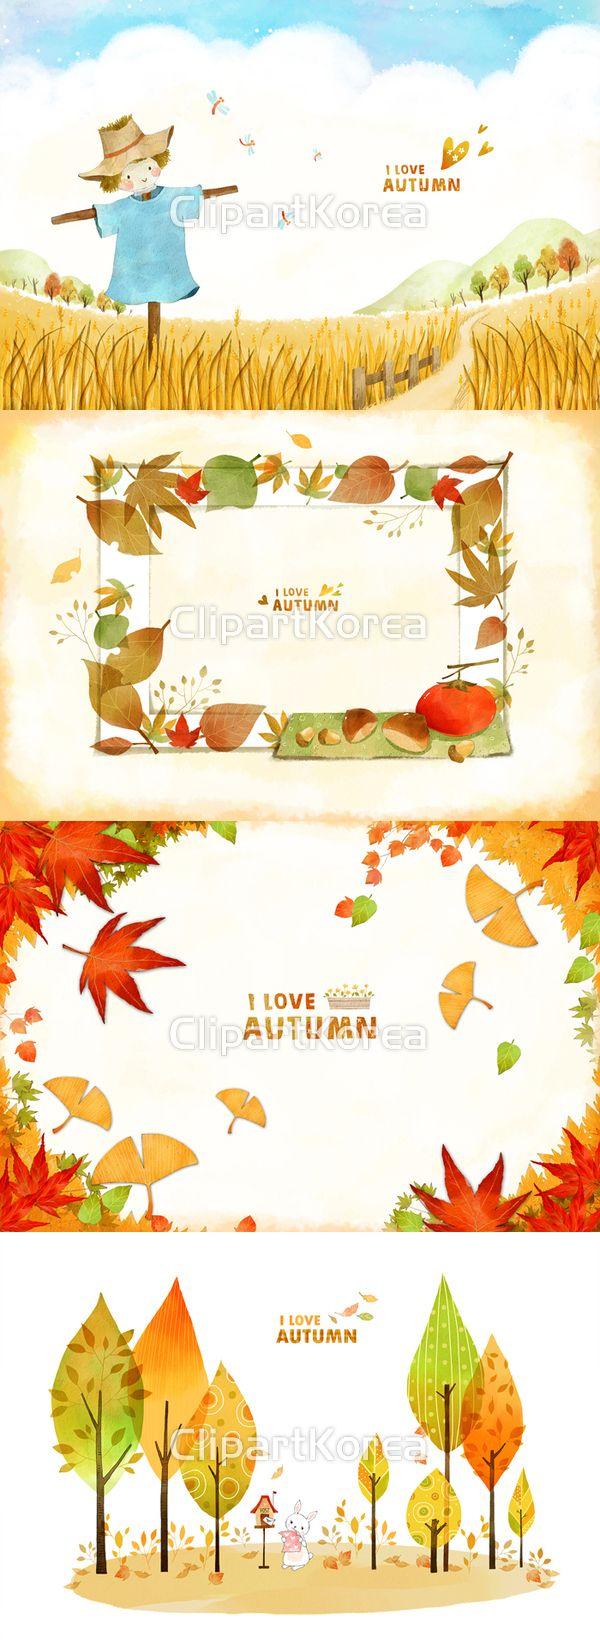 가을 고추잠자리 구름 나무 논밭 단풍 들판 백그라운드 벼 산 일러스트 잠자리 카피스페이스 페인터 풍경 허수아비 단풍잎 일러스트레이션…